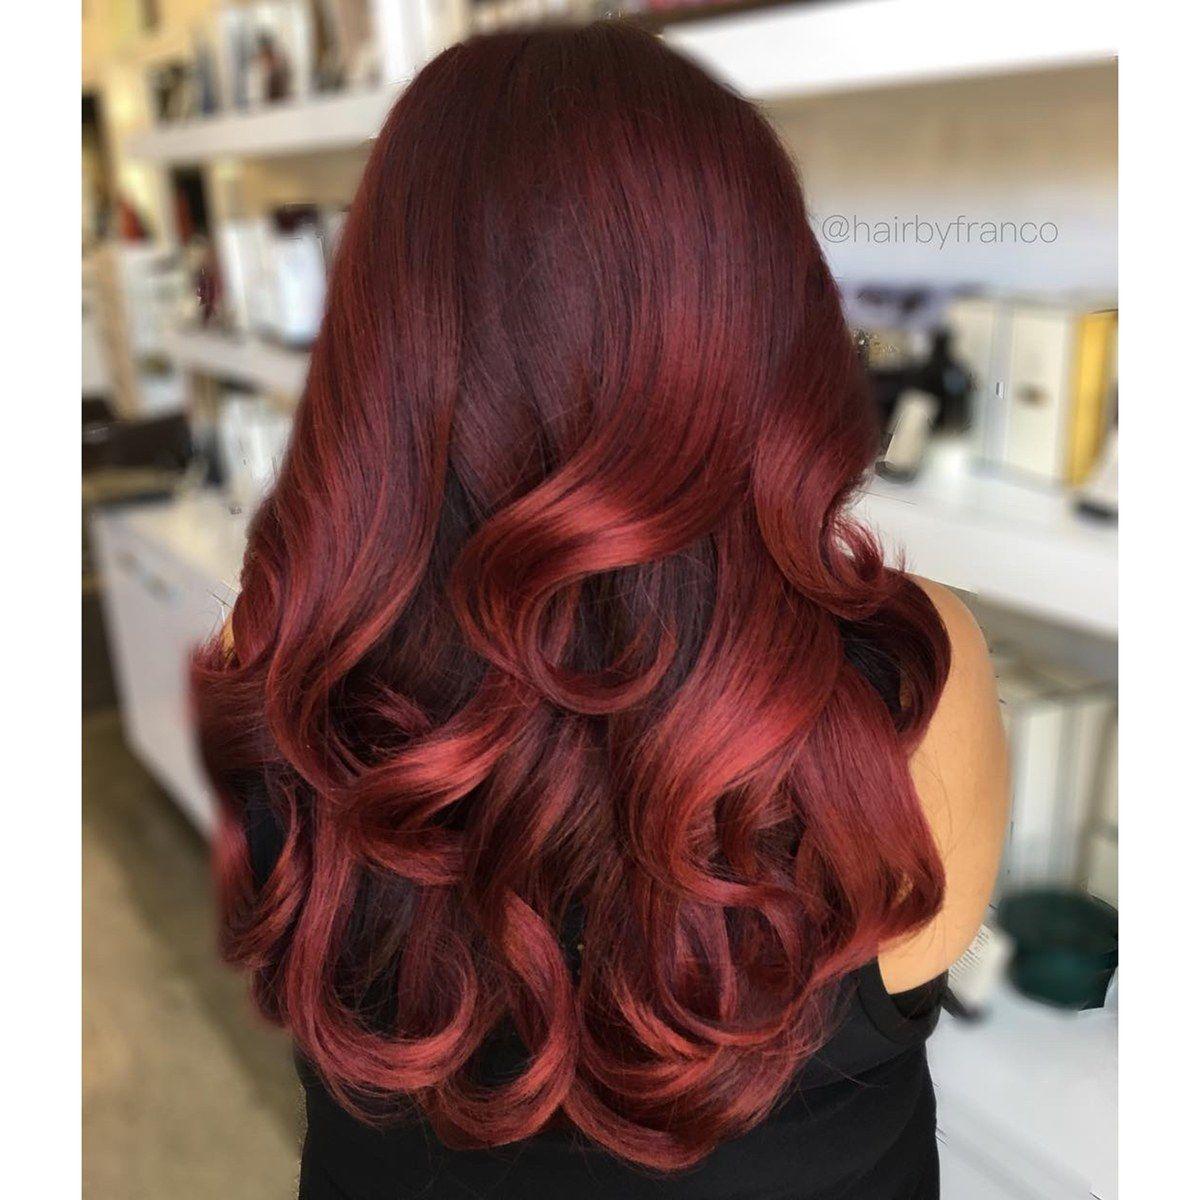 Maroon With A Subtle Faded Balayage Hair Color Burgundy Cinnamon Hair Burgundy Hair